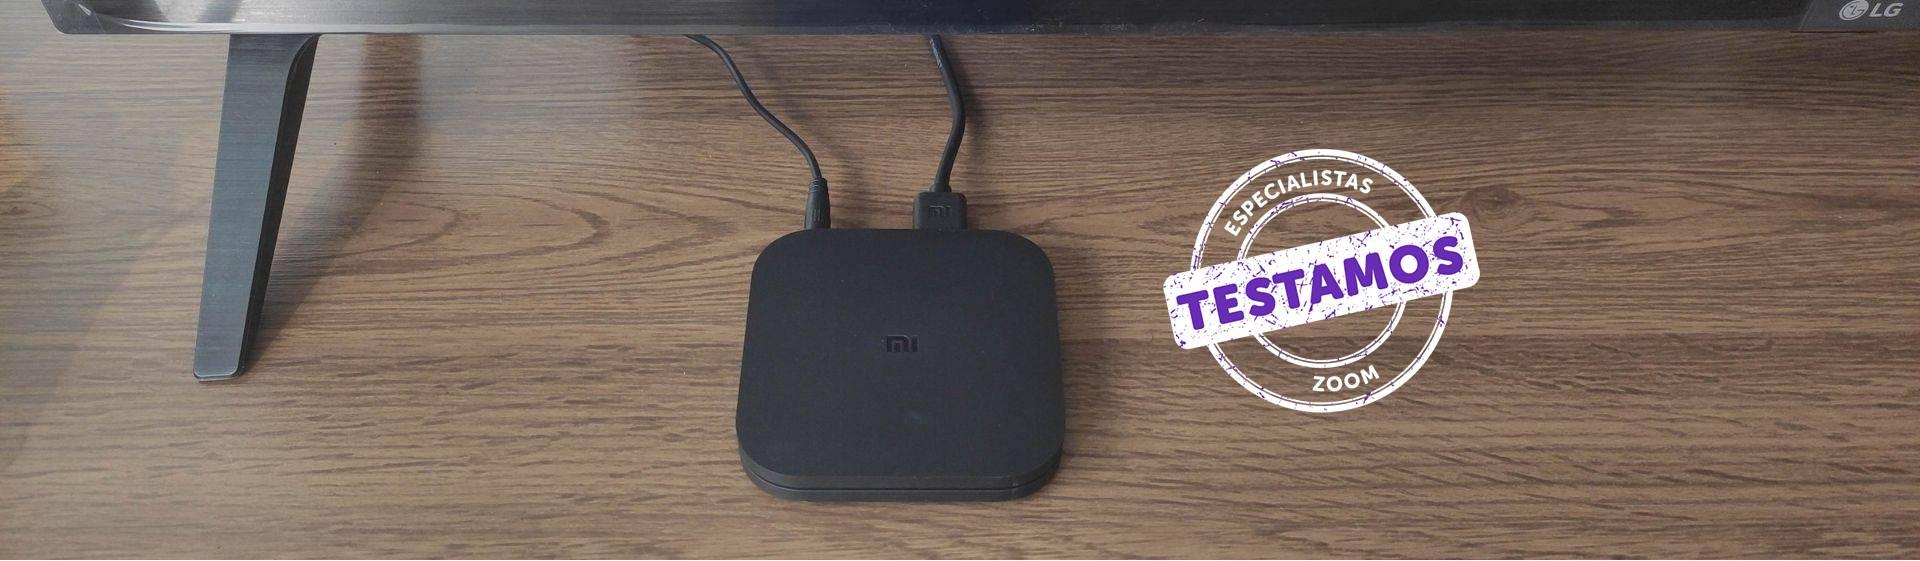 Mi Box S: resolução 4K e Chromecast integrado